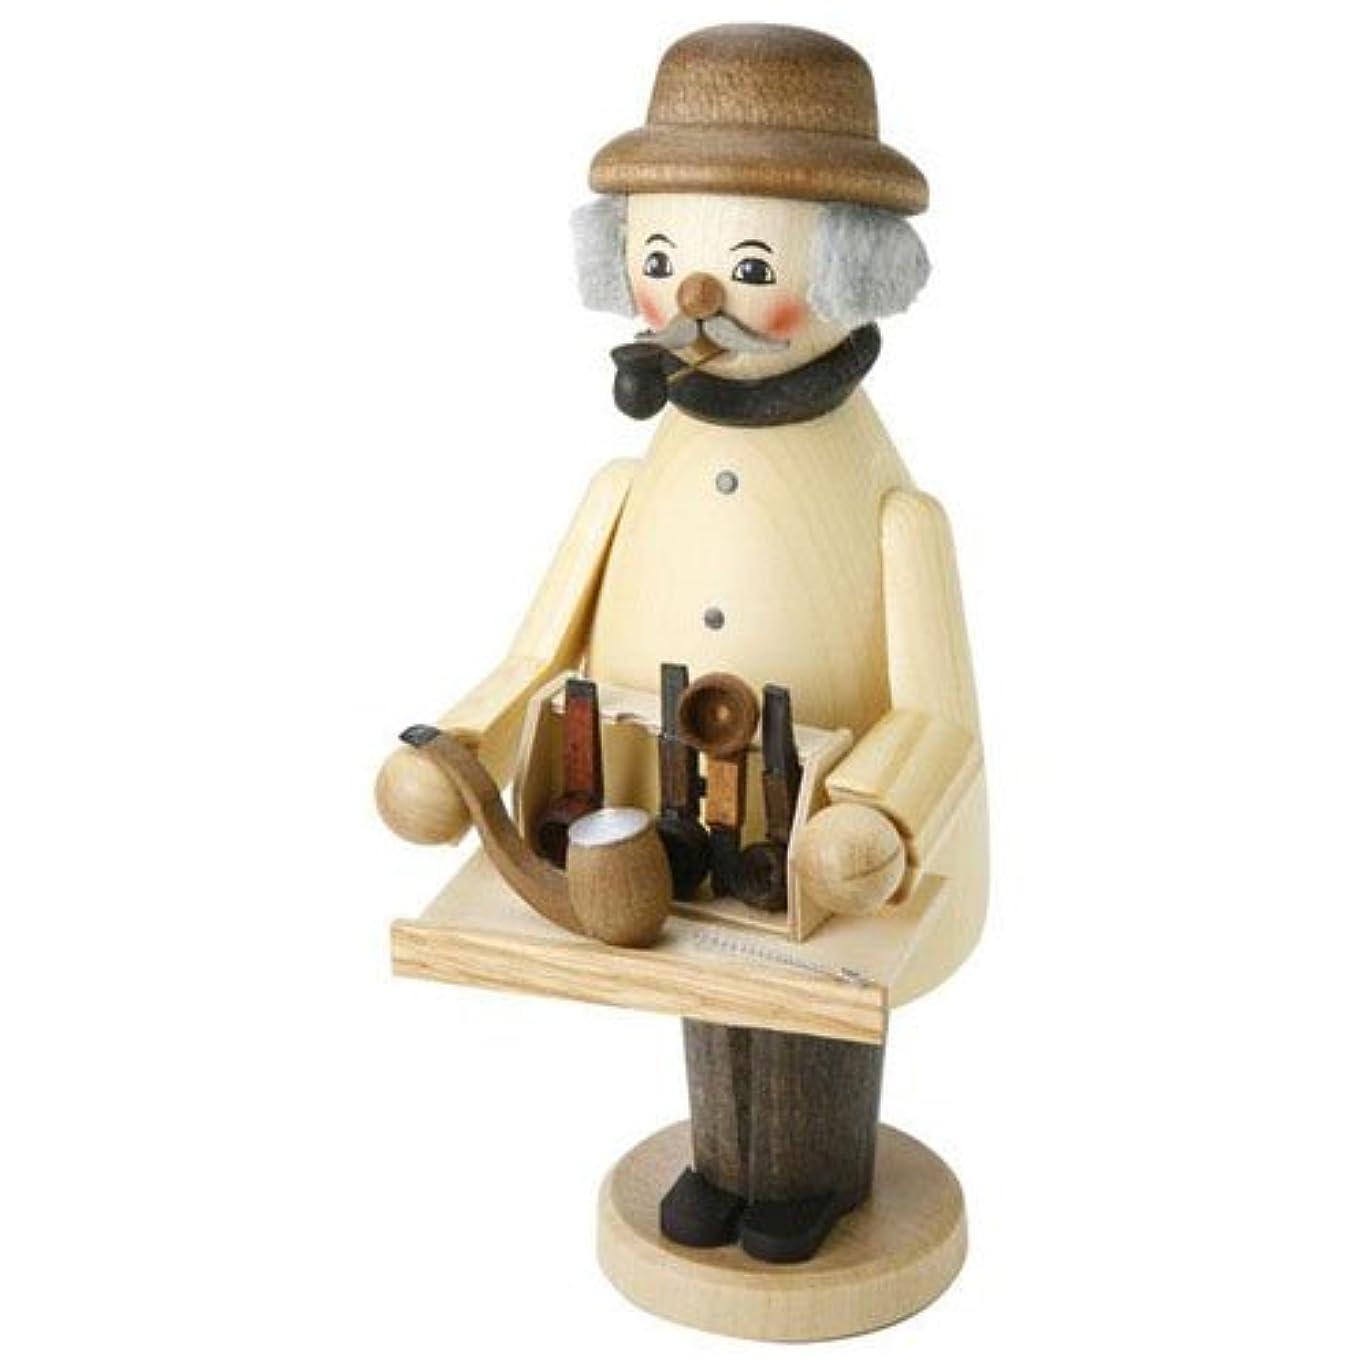 篭無公39089 Kuhnert(クーネルト) ミニパイプ人形香炉 パイプ売り